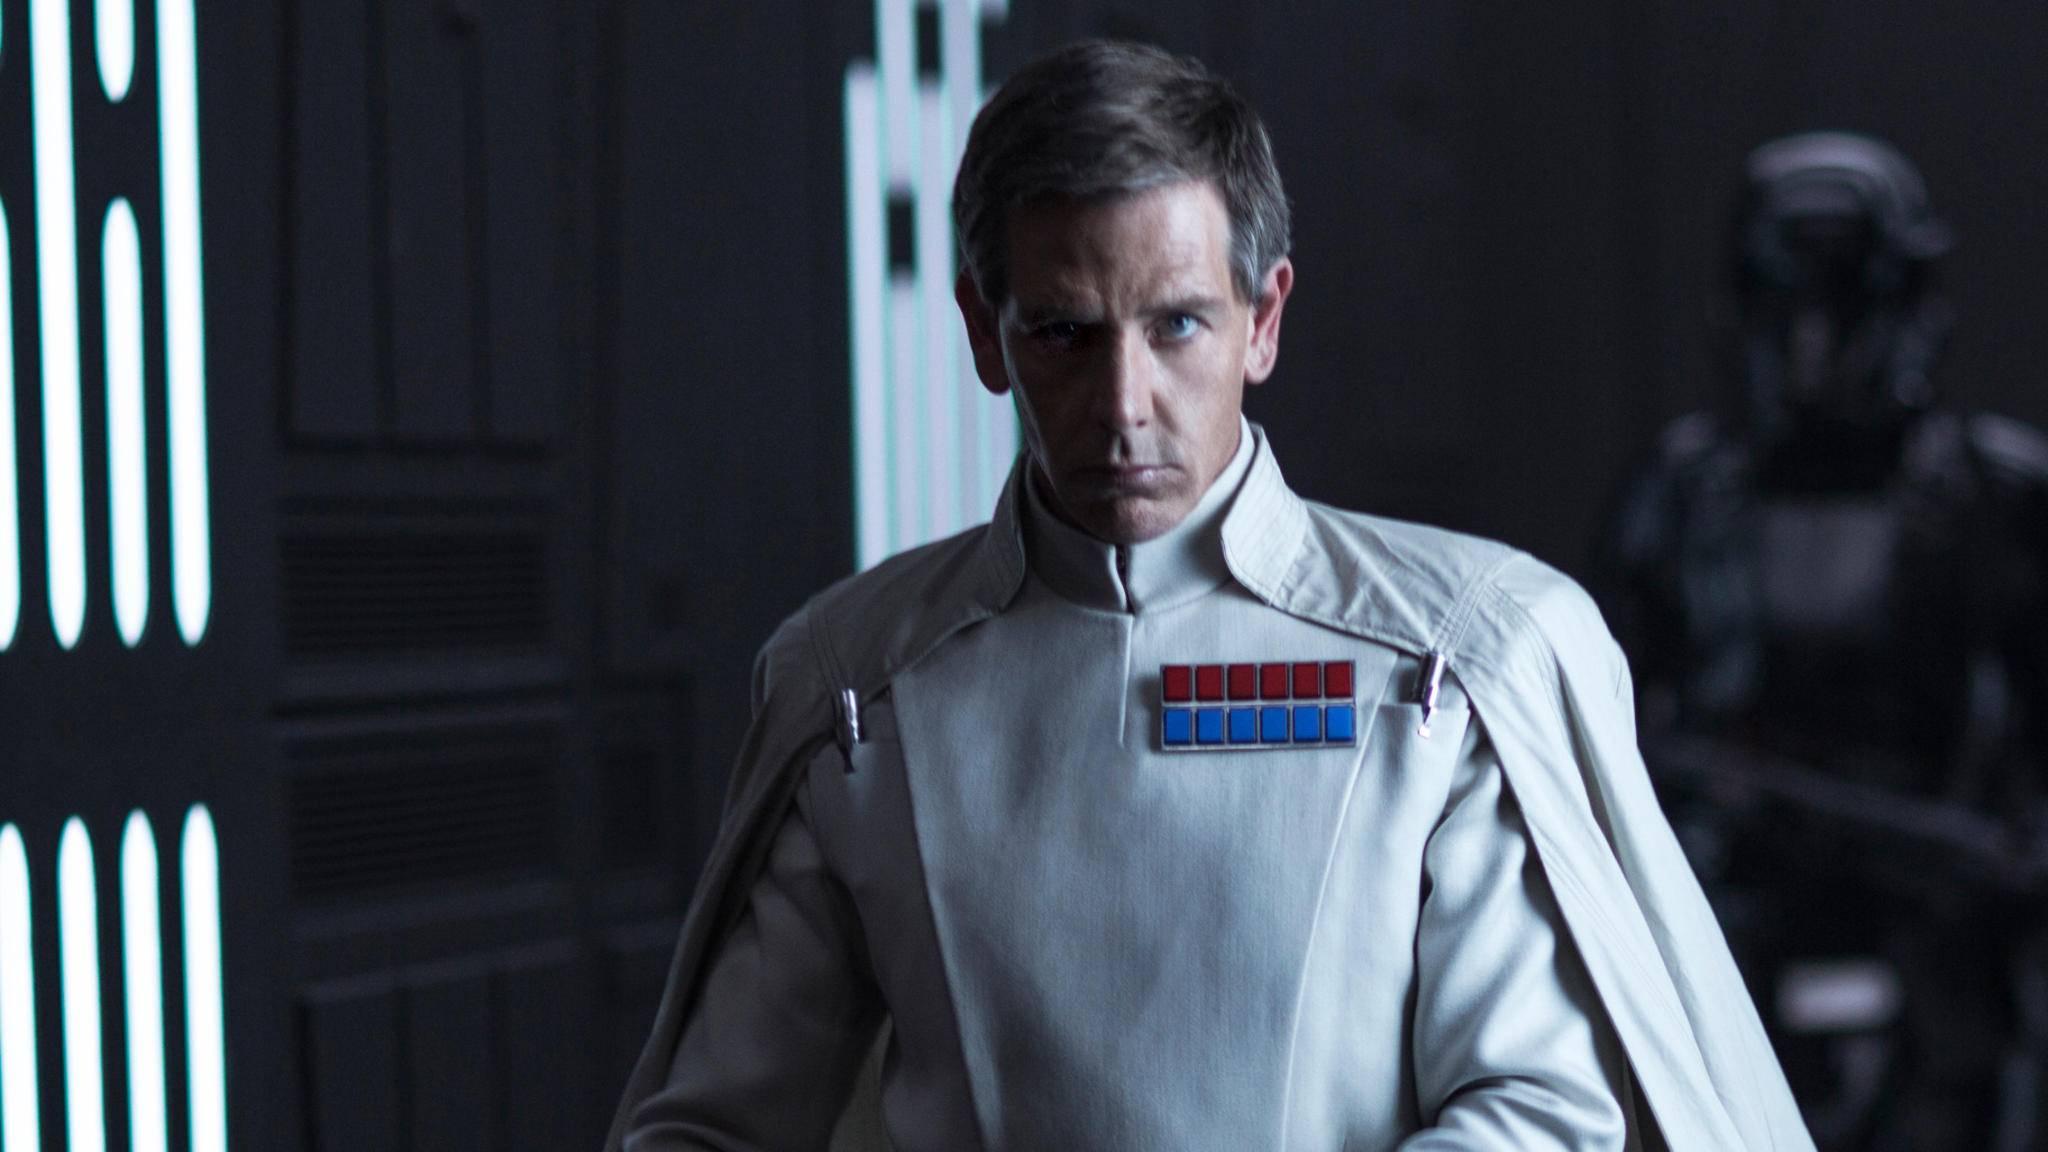 """Mit galaktischen Kämpfen kennt sich Ben Mendelsohn dank """"Rogue One"""" bereits aus. In """"Captain Marvel"""" könnte er die Skrulls in den Kampf führen."""